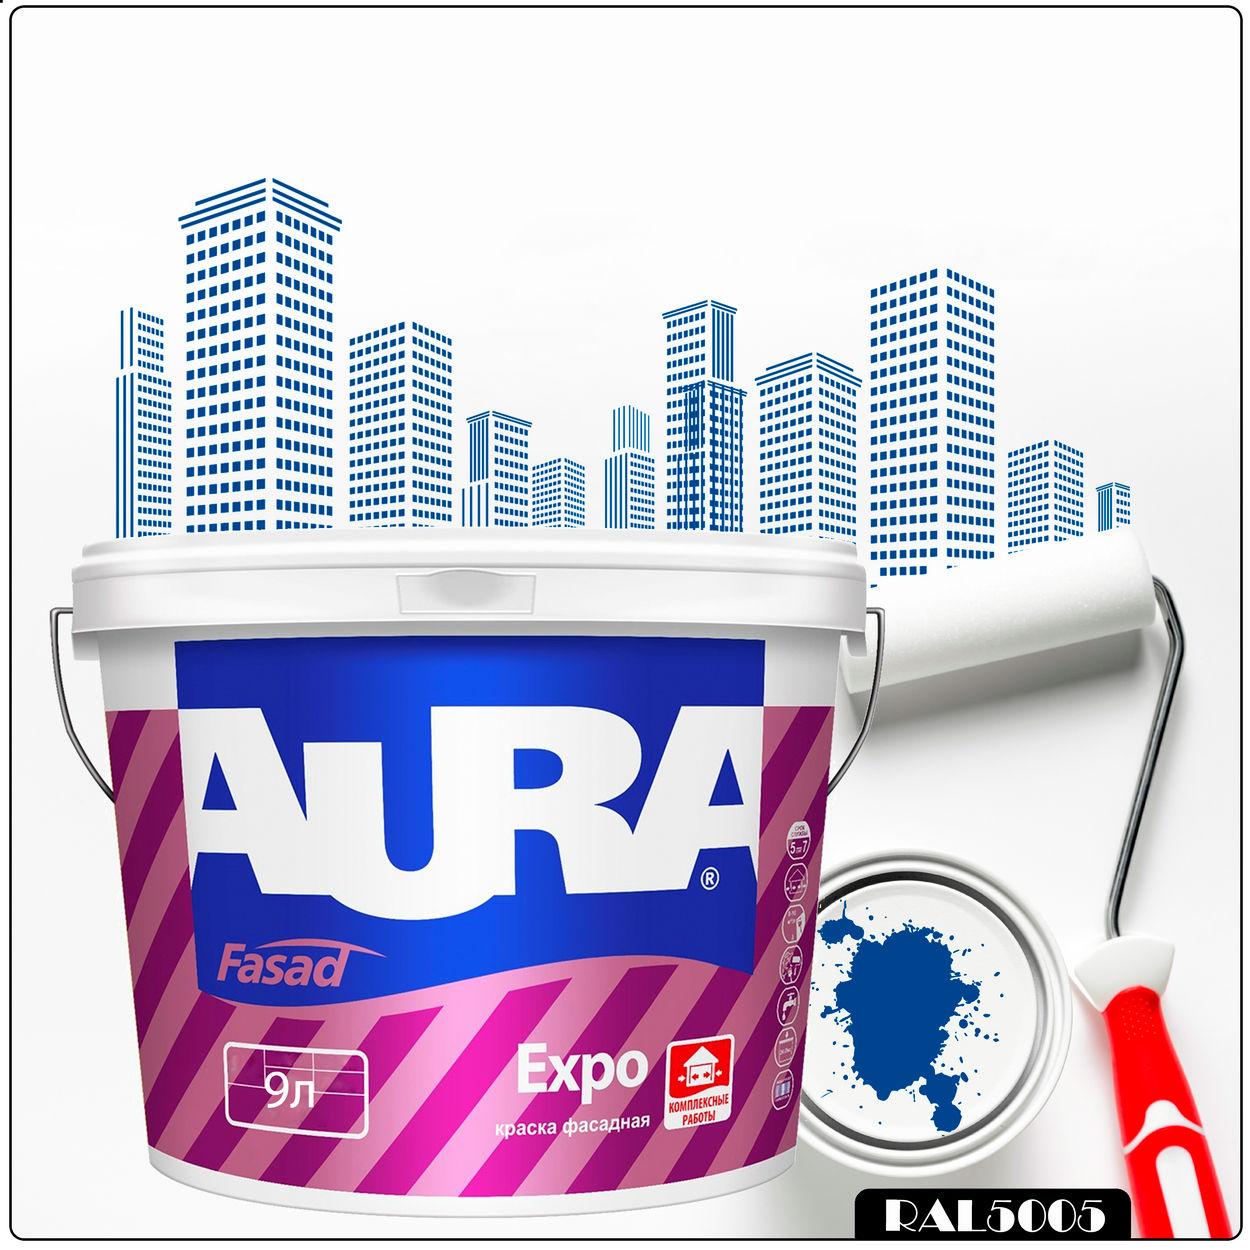 Фото 6 - Краска Aura Fasad Expo, RAL 5005 Сигнальный синий, матовая, для фасадов и помещений с повышенной влажностью, 9л.